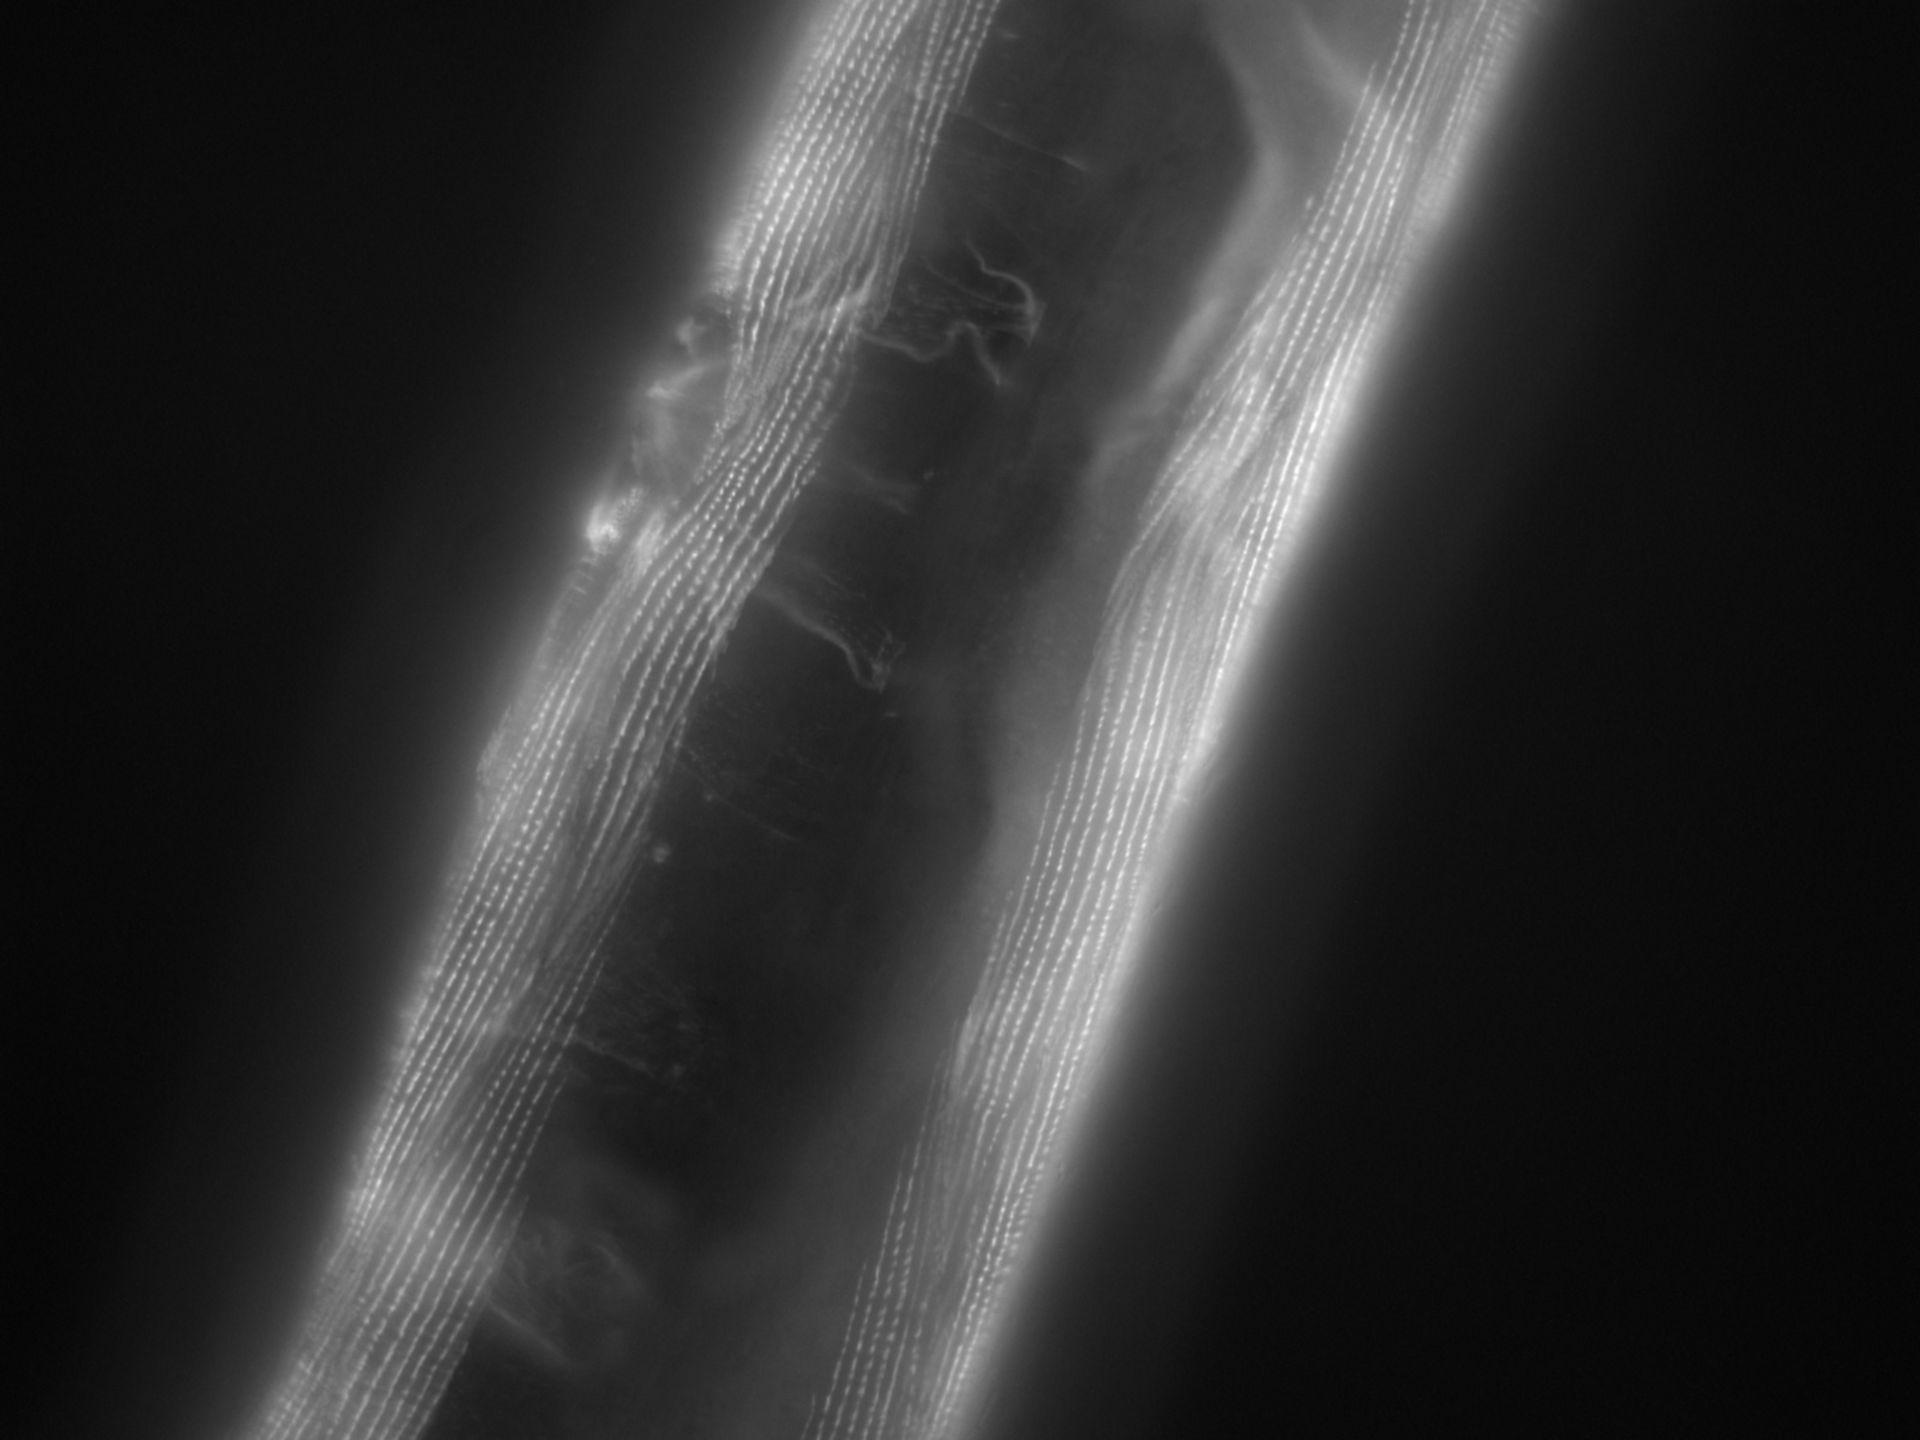 Caenorhabditis elegans (Actin filament) - CIL:1194